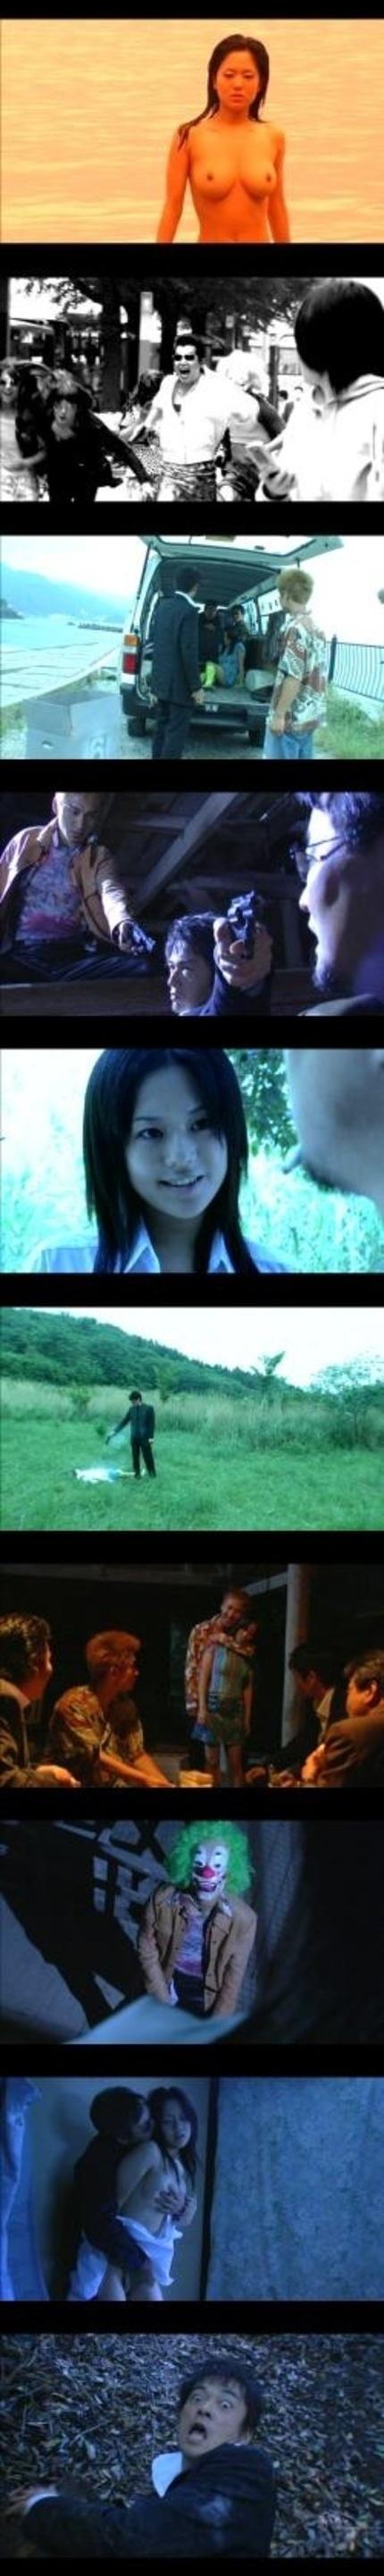 EROTIC GHOST: SIREN R3 Hong Kong DVD Review, with Sora Aoi (a.k.a. Sola Aoi, Aoi Sora or Aoi Sola..)